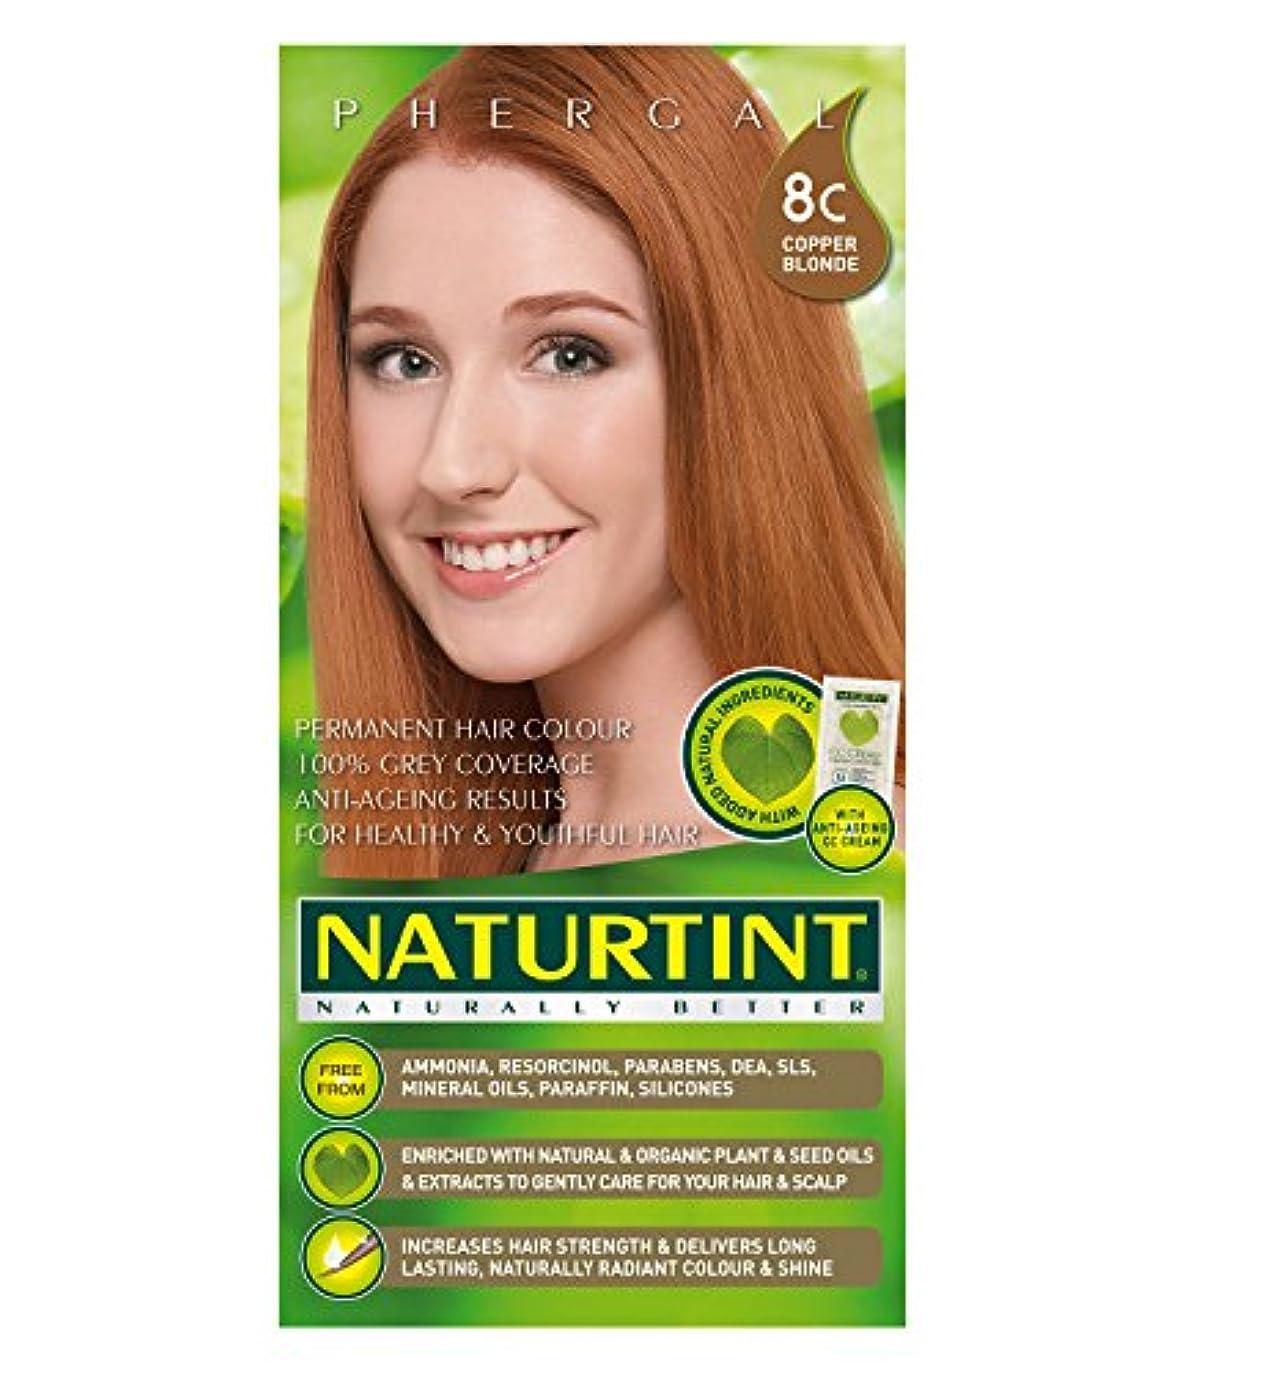 ラッチブルーベルギャンブルNaturtint Copper Blonde Hair Color (8C) (並行輸入品)